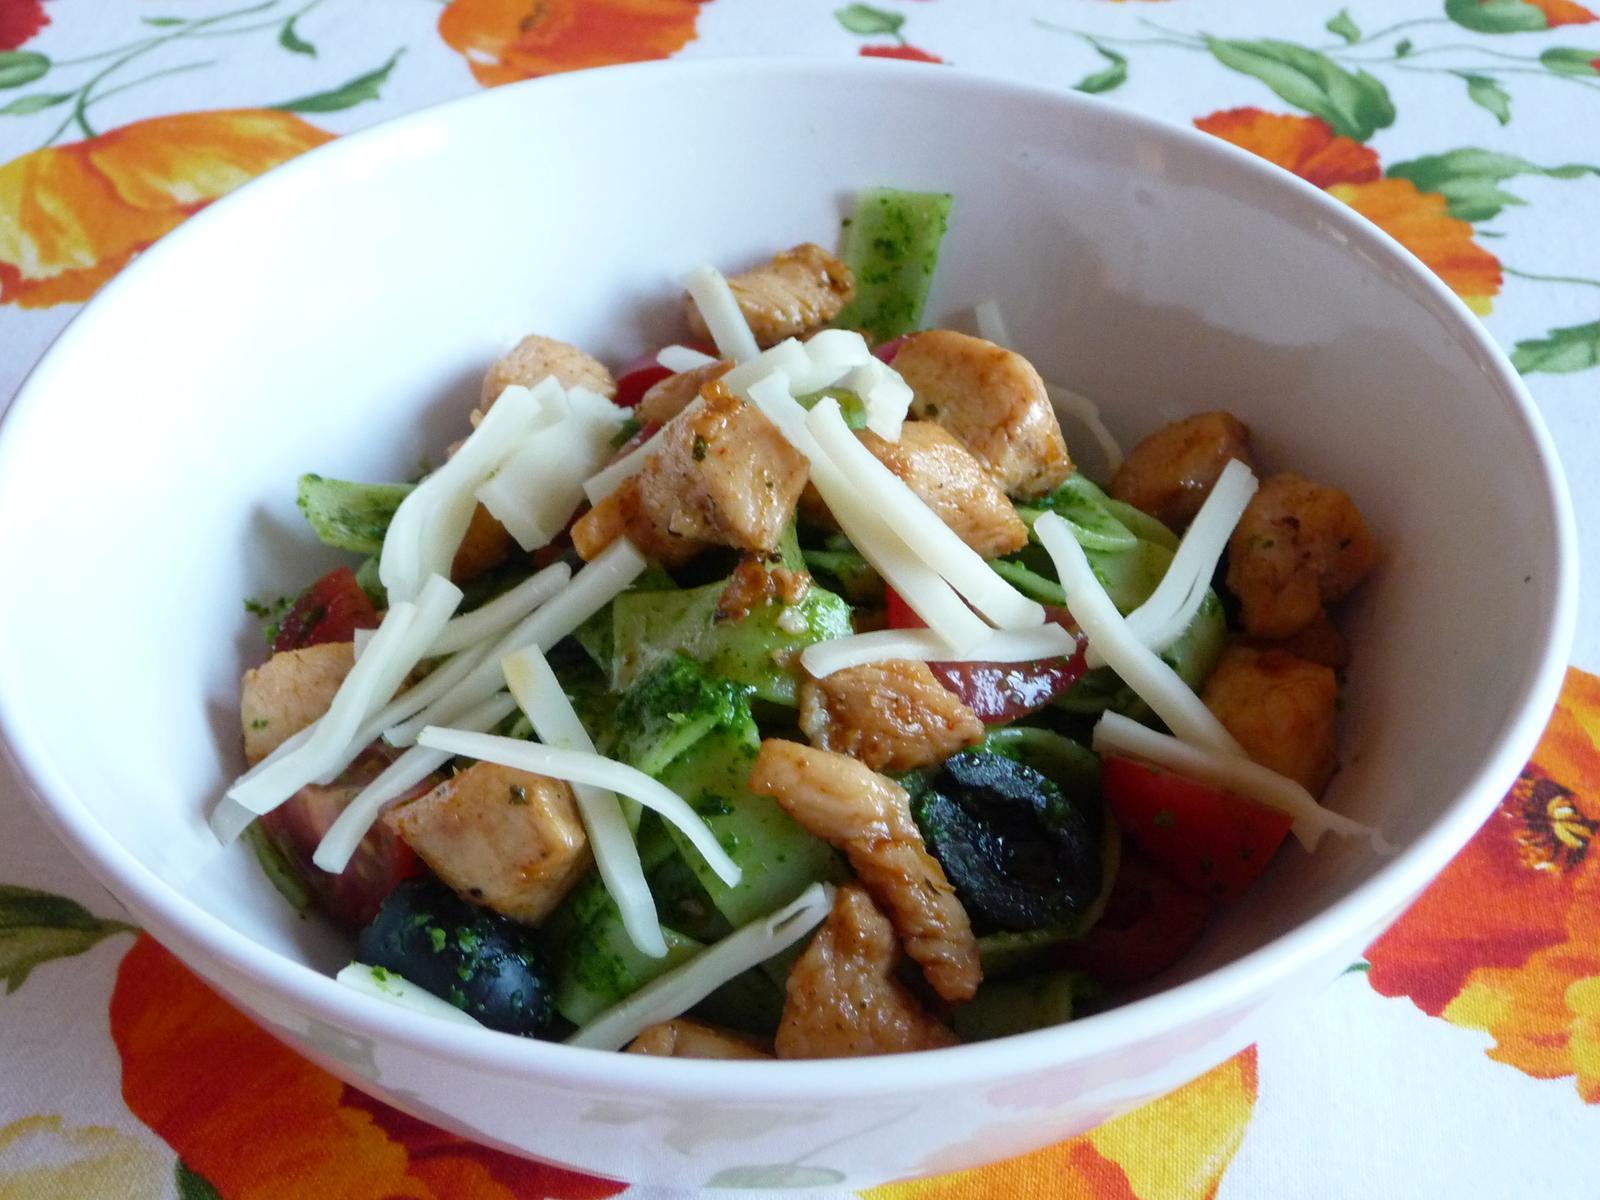 Z mého kuchařského deníku - dnešní večeře - těstoviny s rukolovým pestem, kuřecím a zeleninou